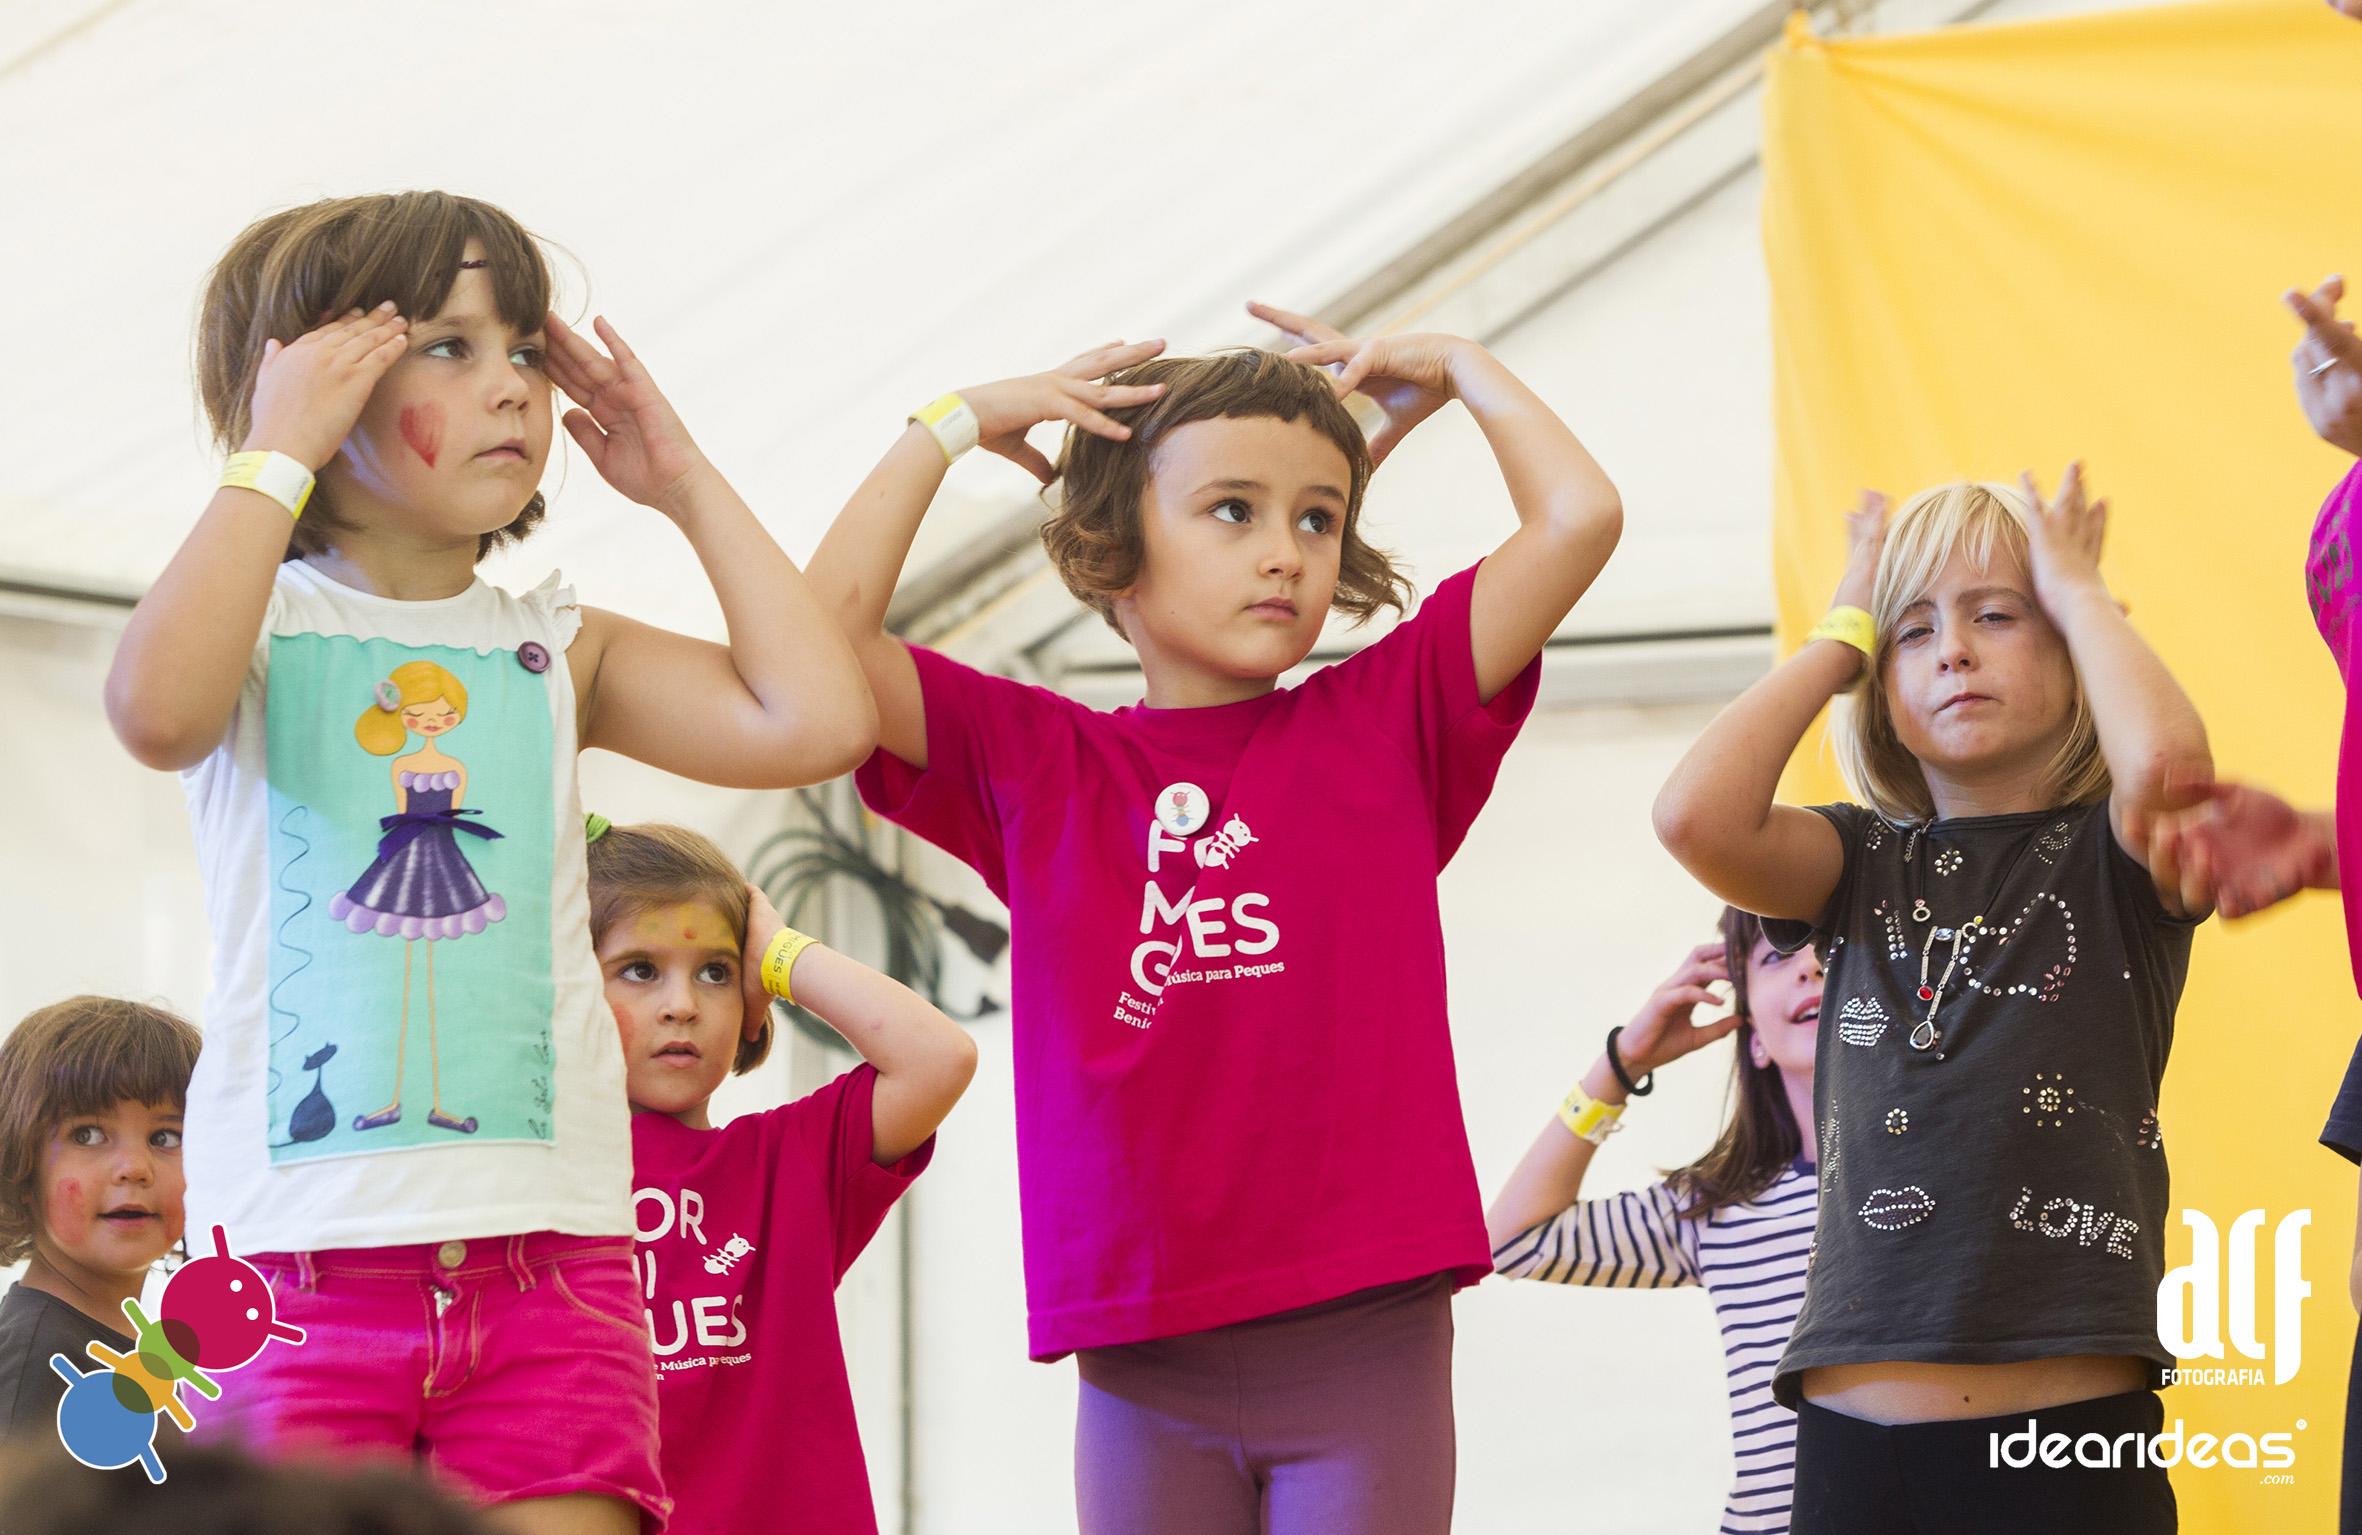 Festival_Formigues_Acf-Fotografia_330